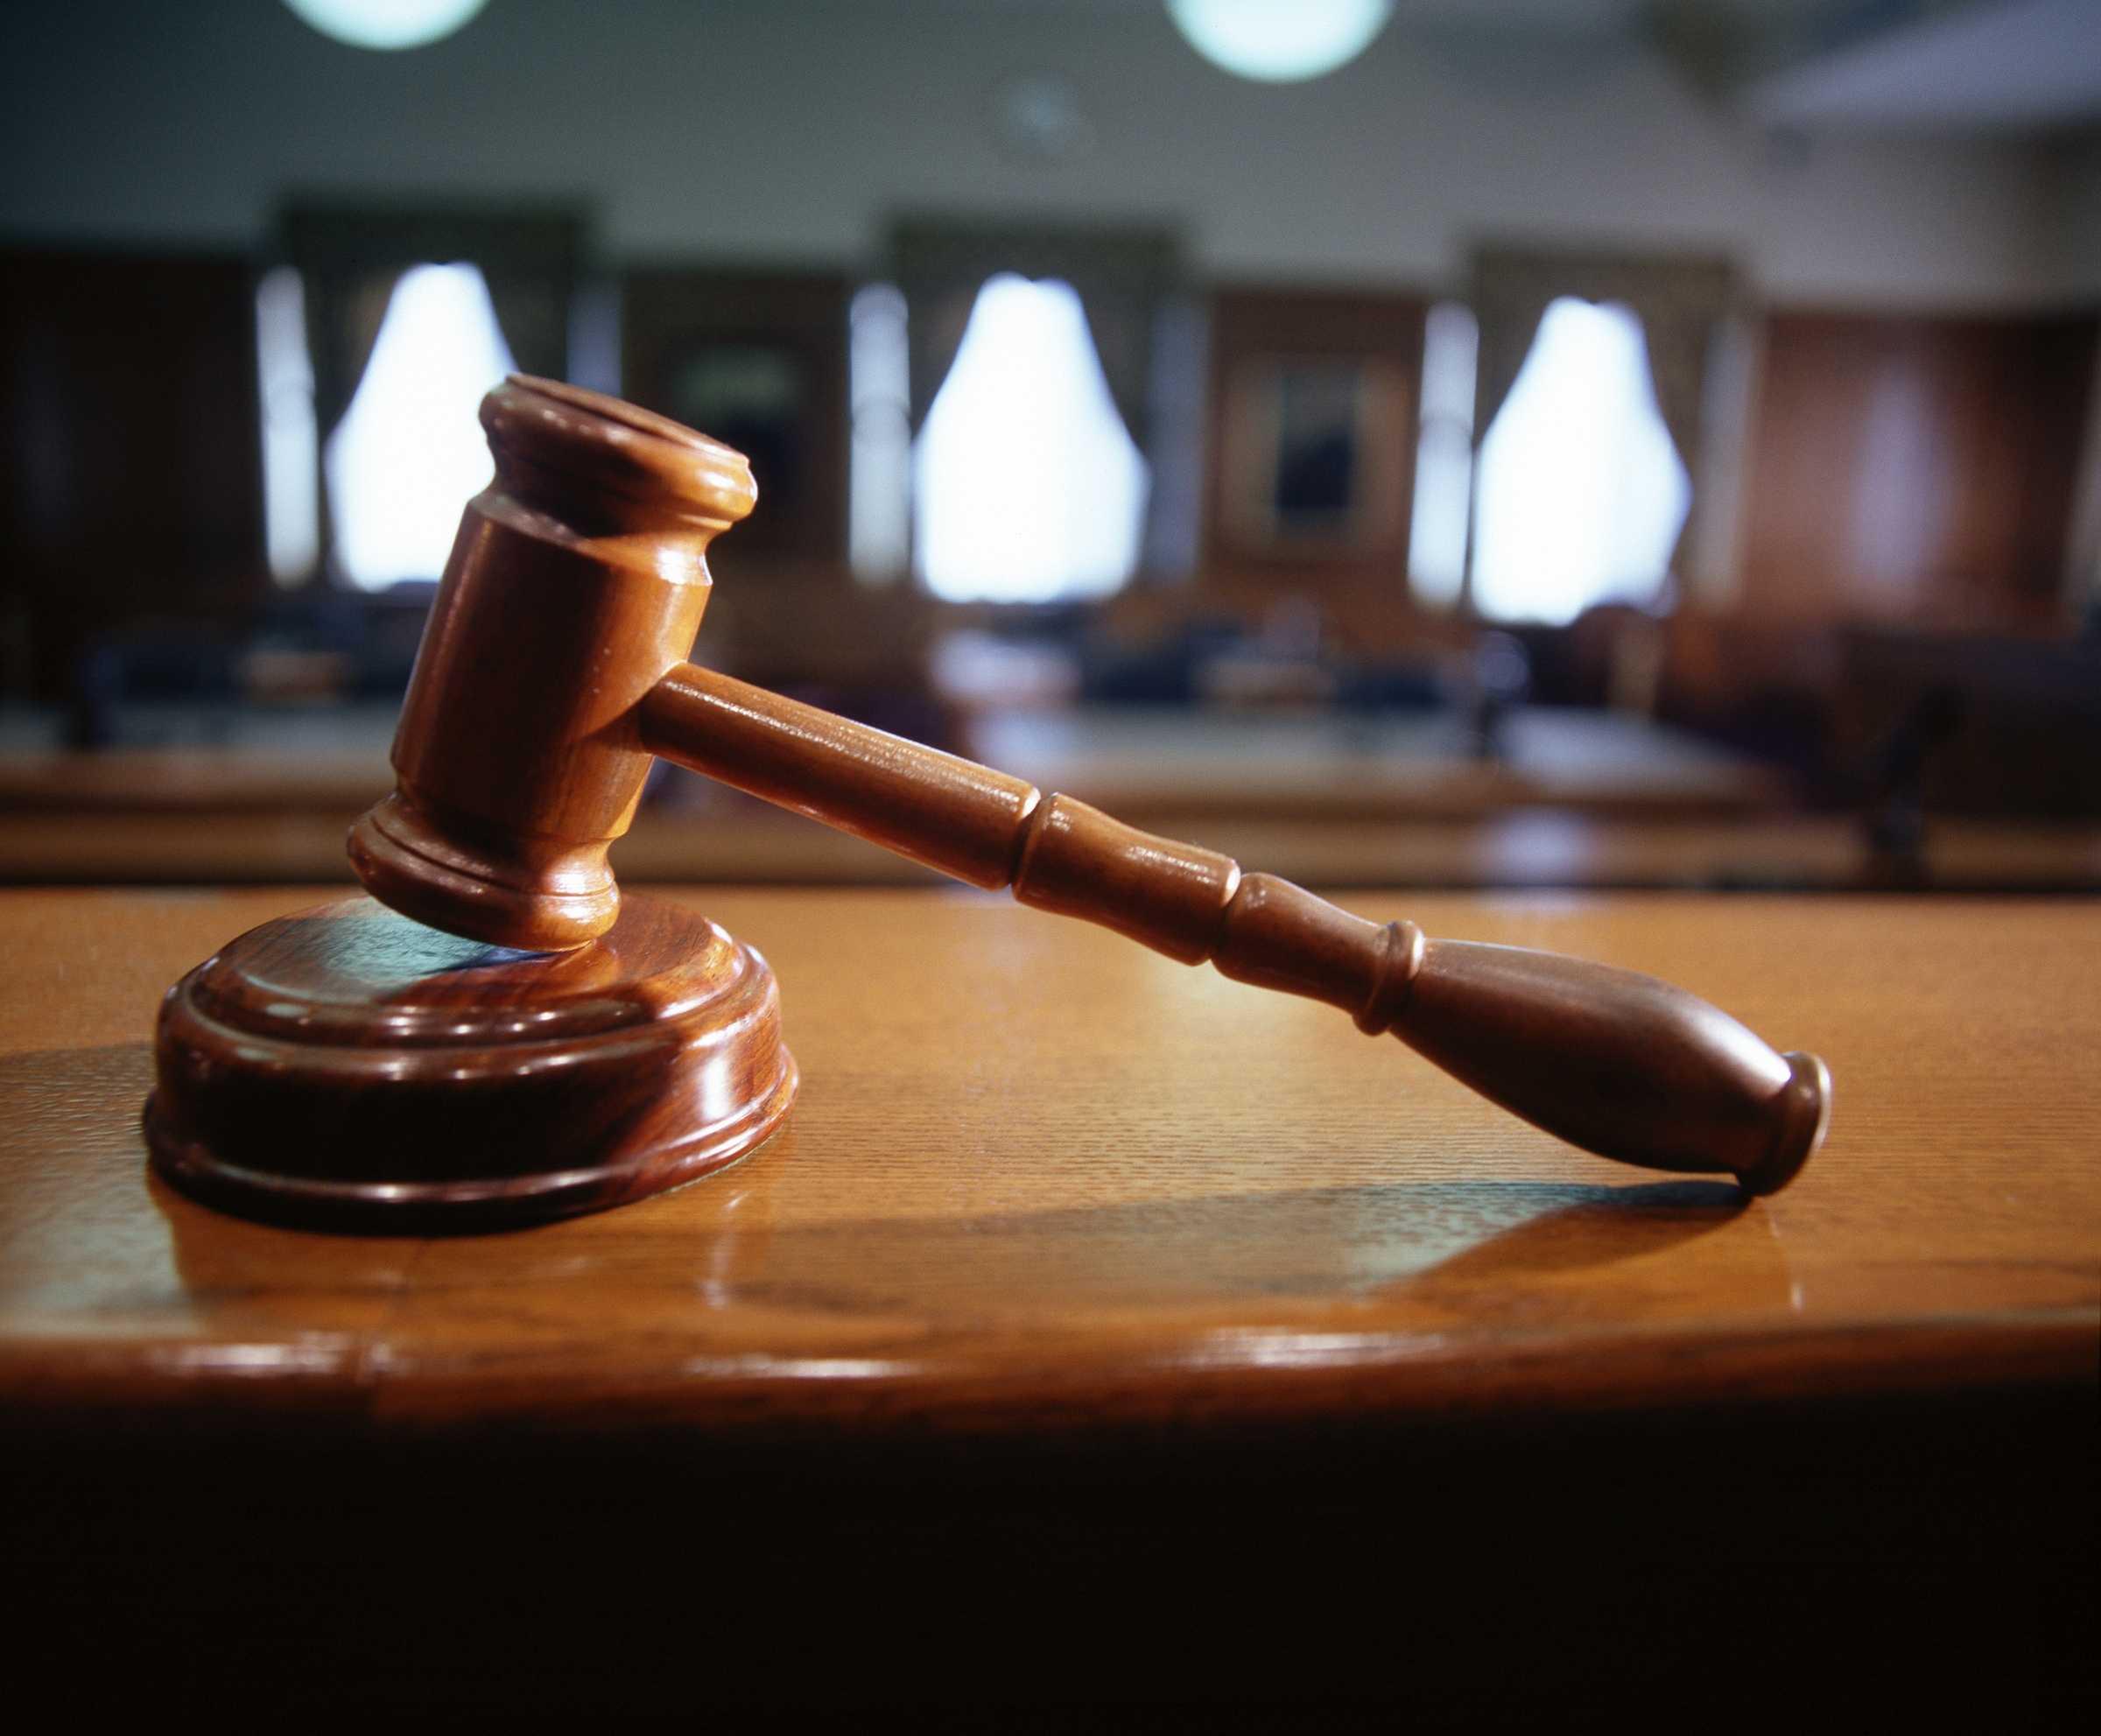 New Act Compromises Sixth Amendment